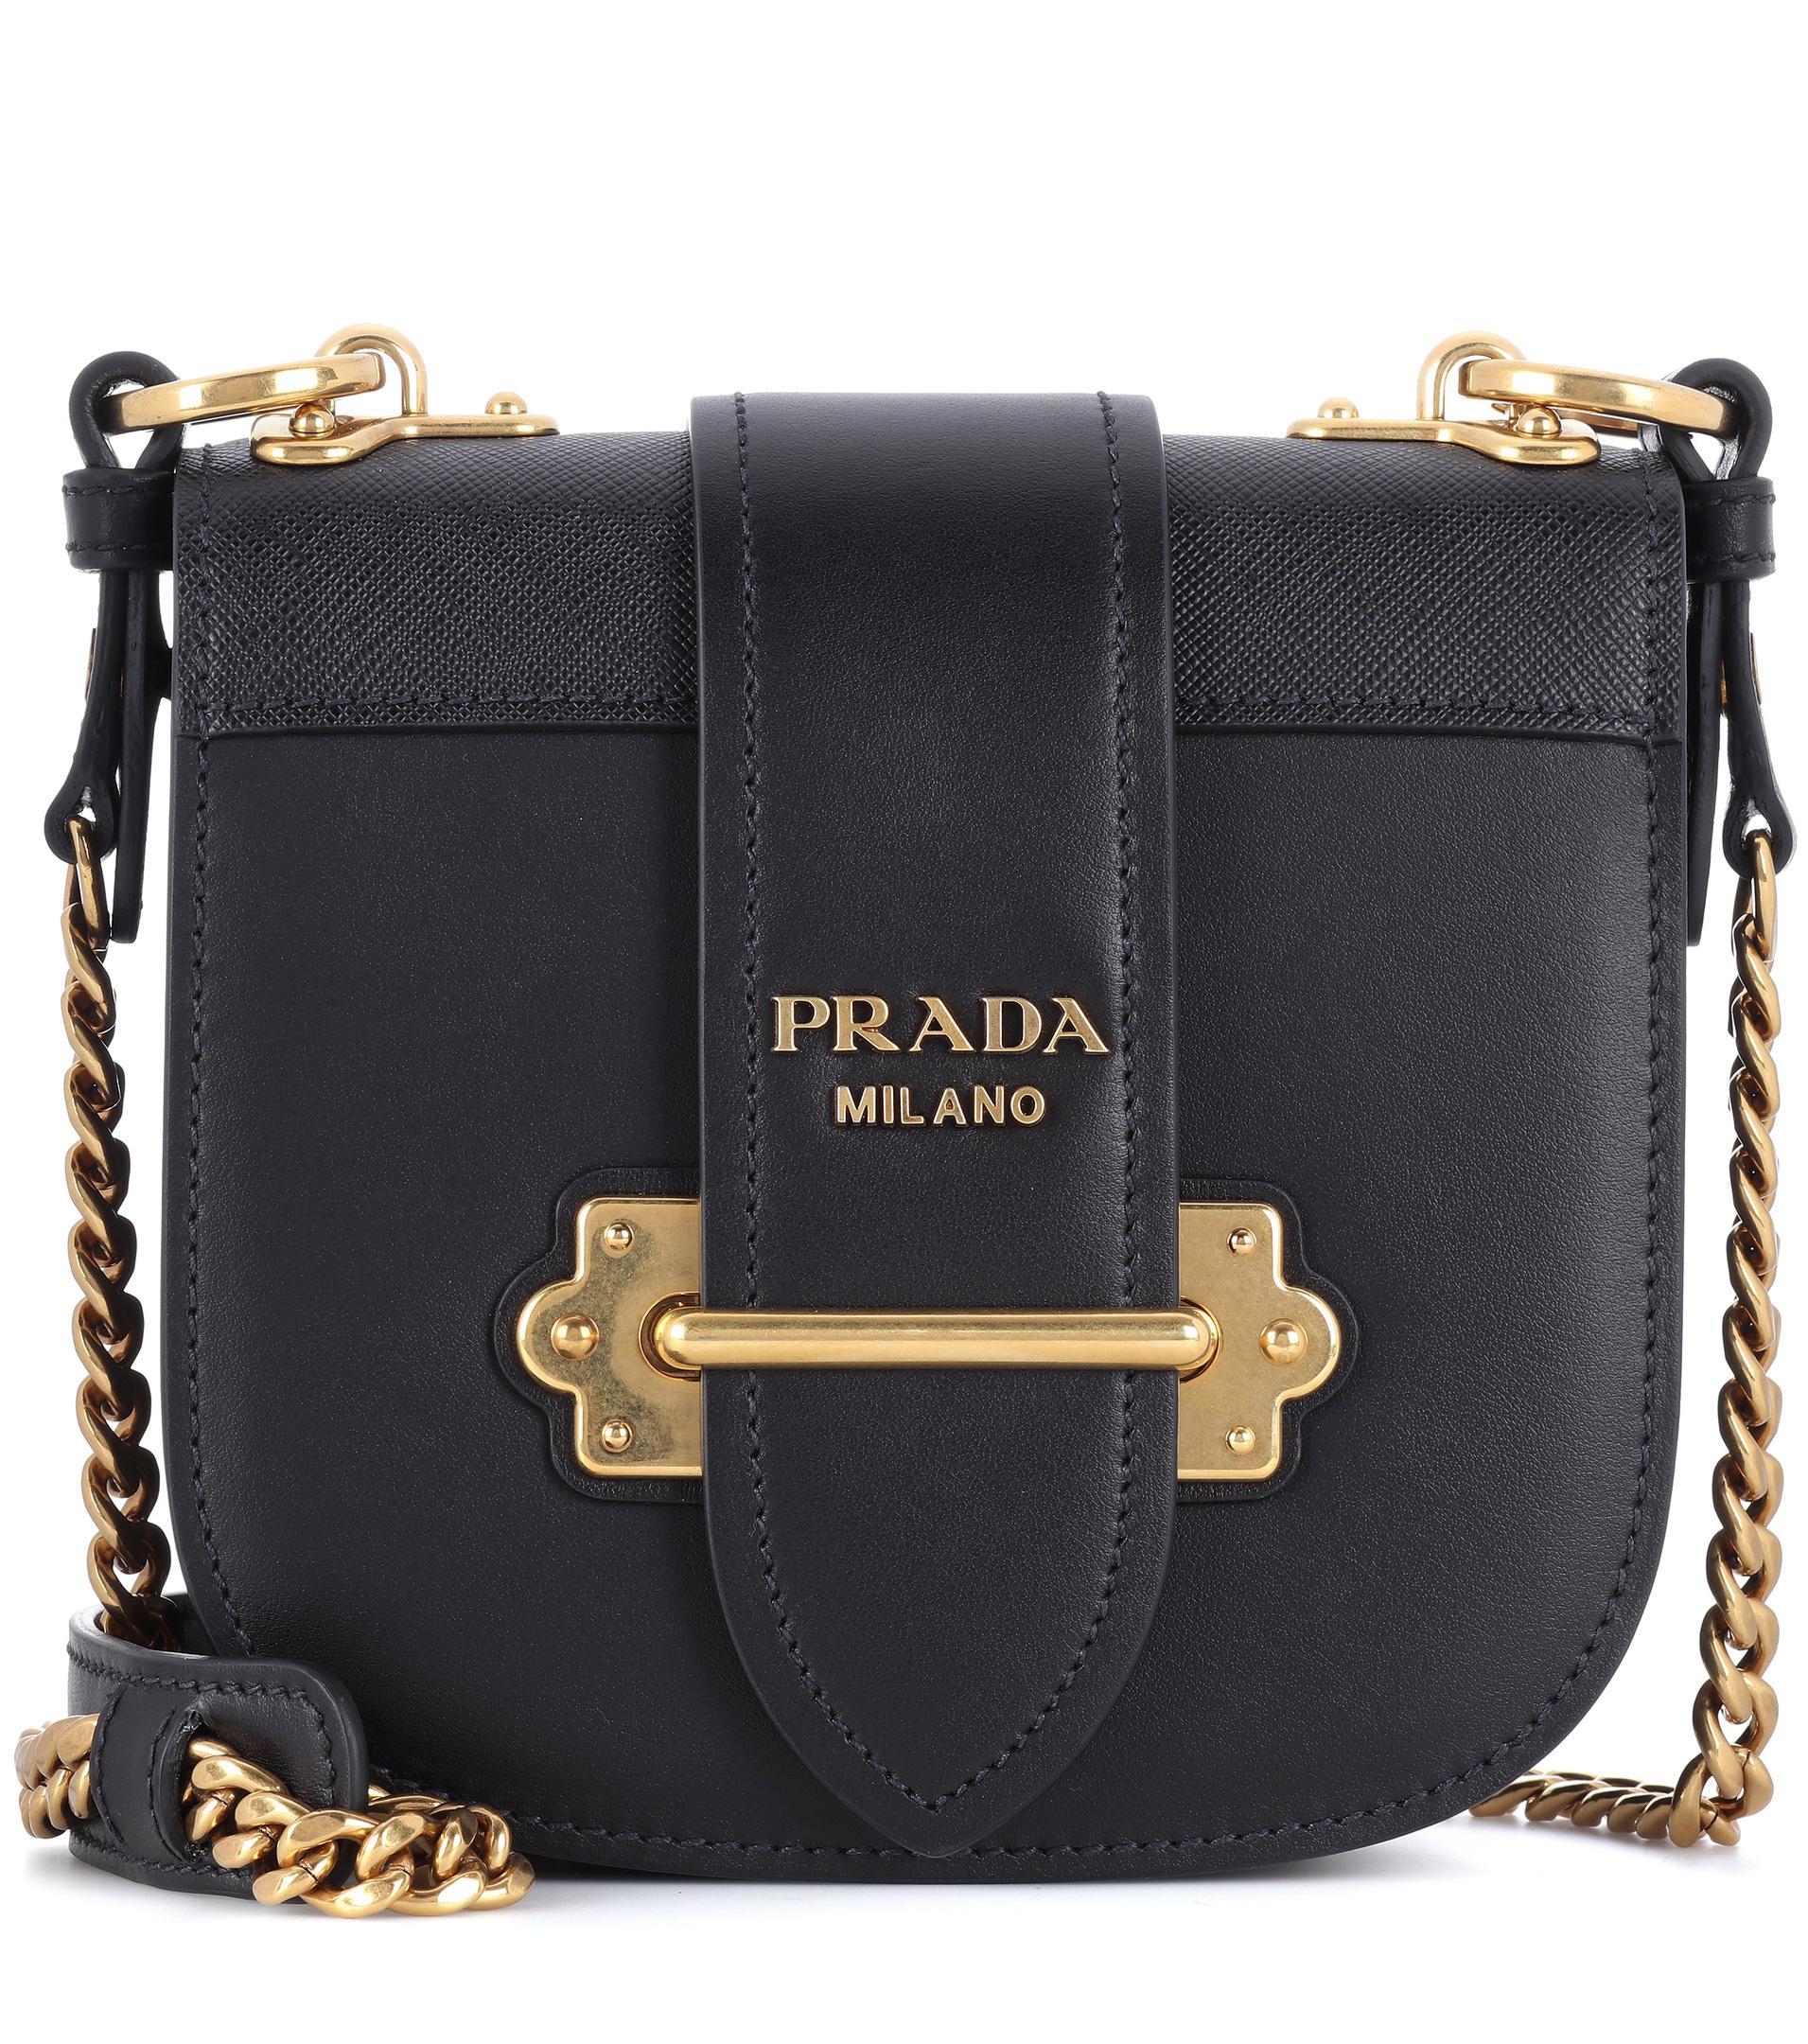 Prada Pionnière Leather Shoulder Bag Acheter Pas Cher En Ligne Marque Livraison Gratuite Nouveau Unisexe Avec Vente En Montreal KZPNxx